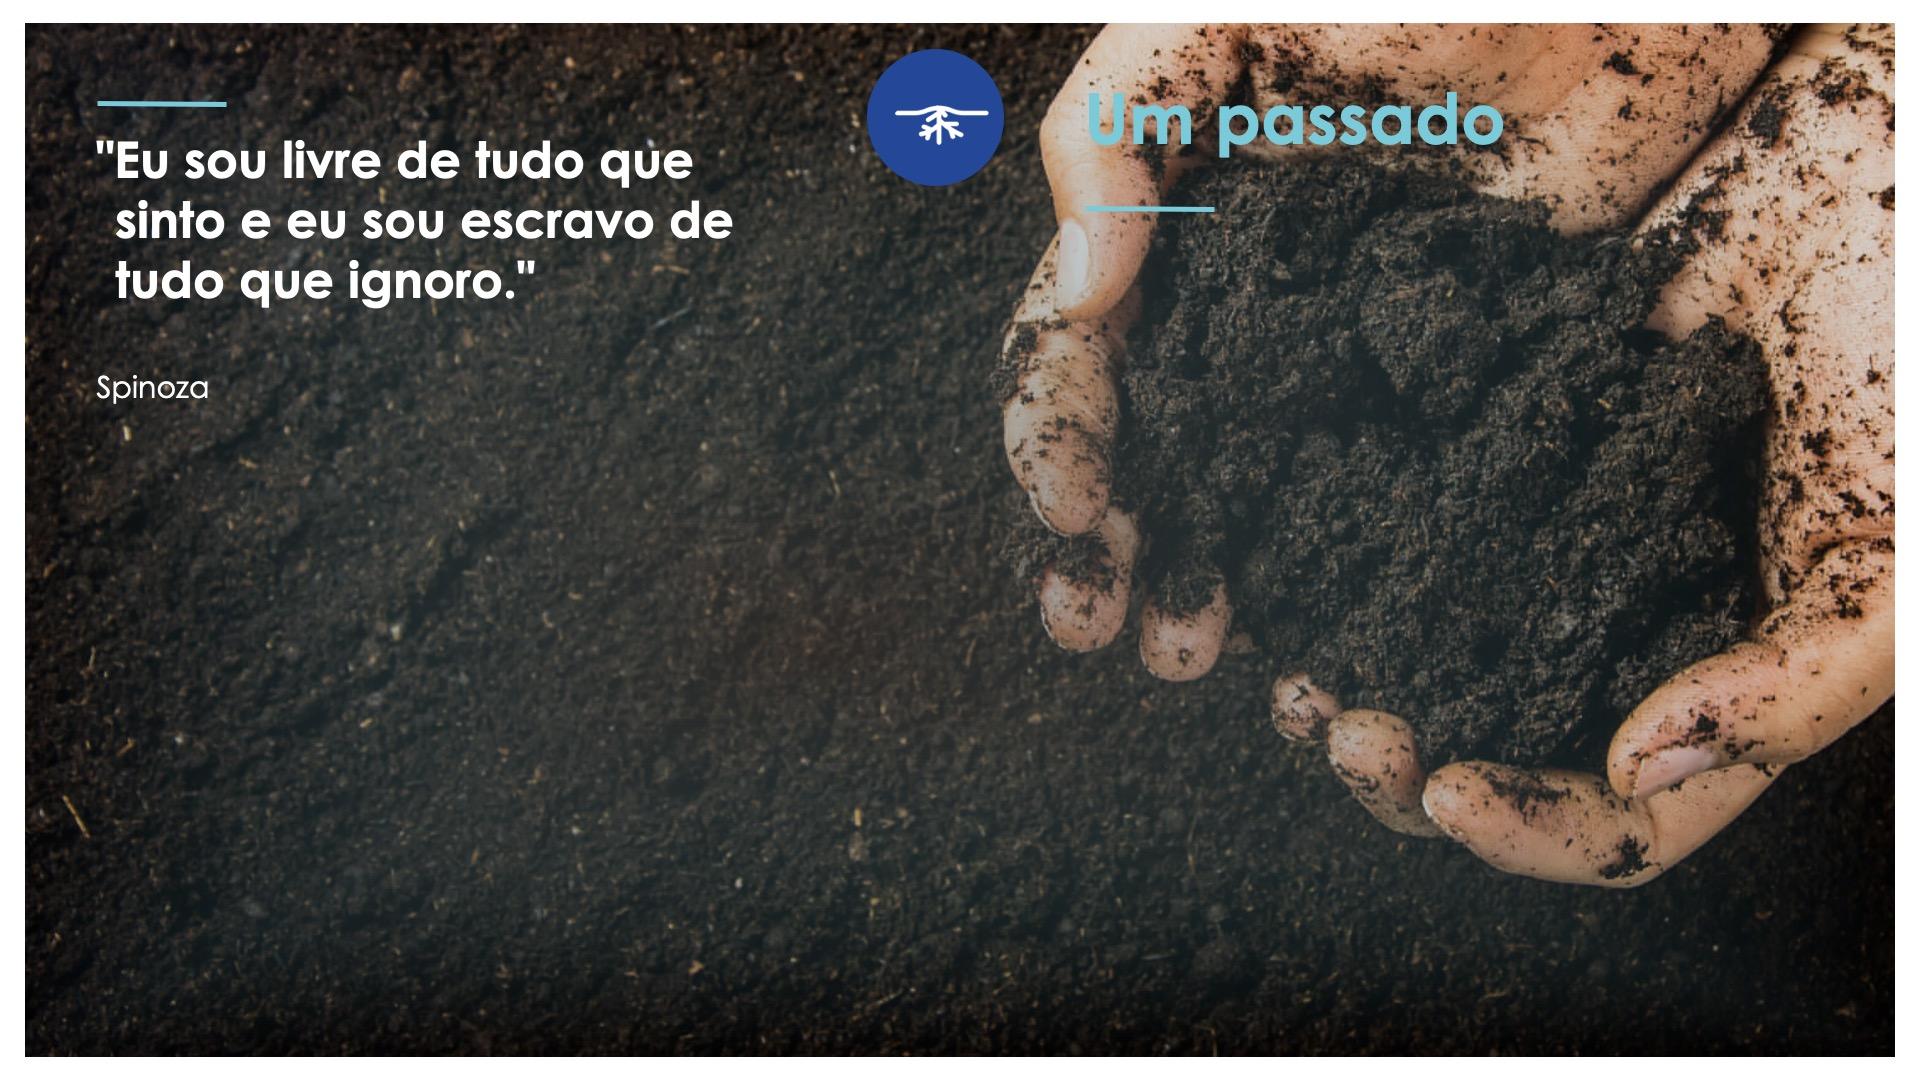 UM PASSADO